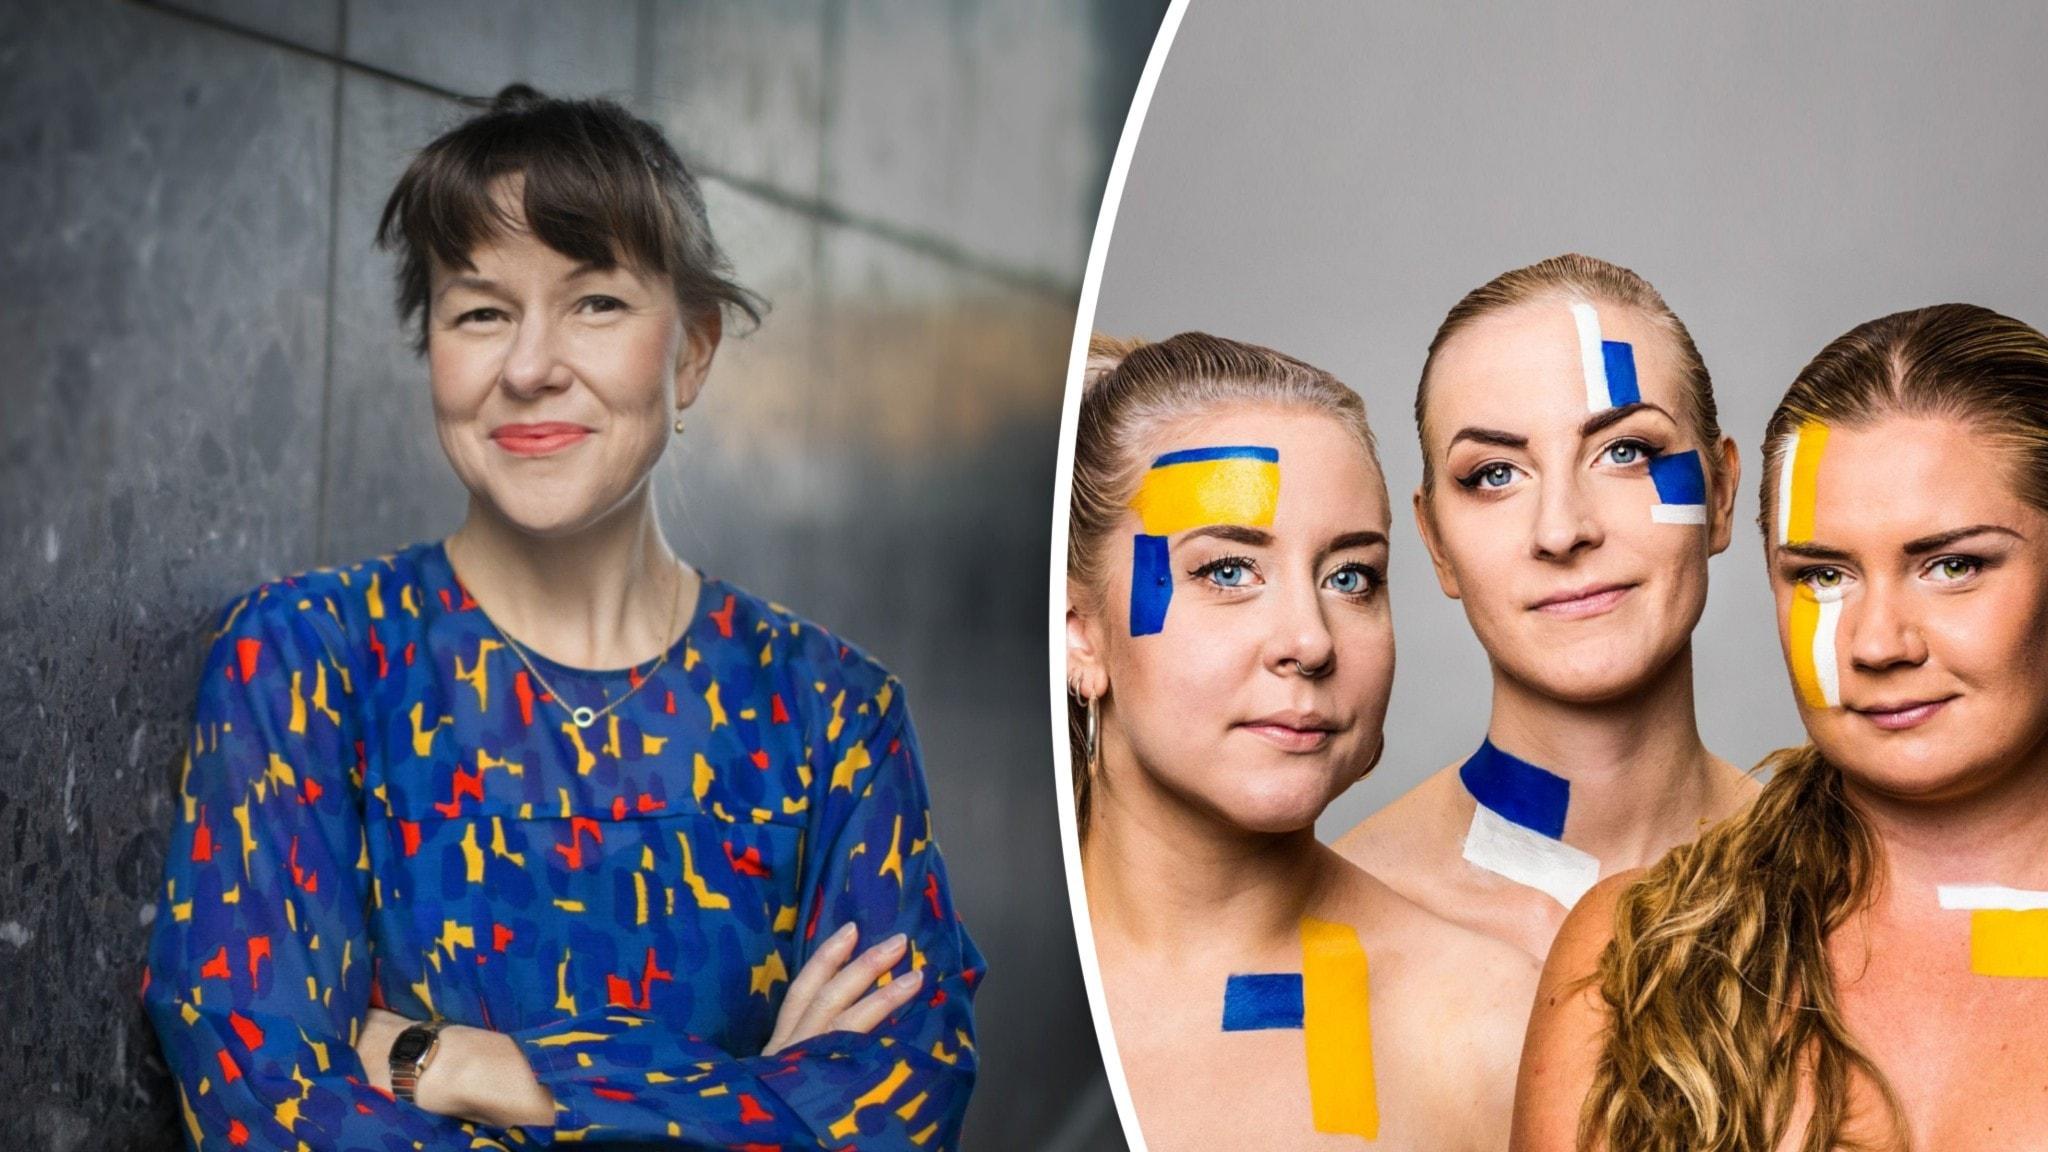 Till vänster Heidi Liekola och till höger är det Sanna Laakso, Meimi Taipale och Natalie Minnevik. Populas programledare sminkade i sverigefinska färger.